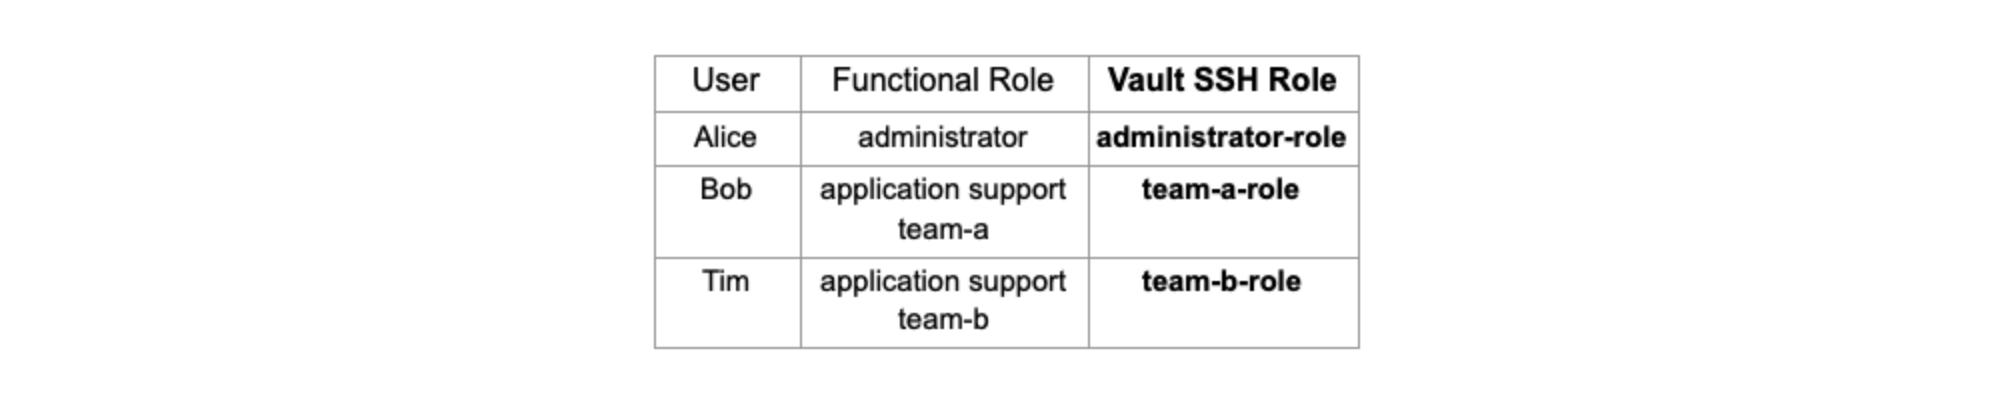 Vault SSH role